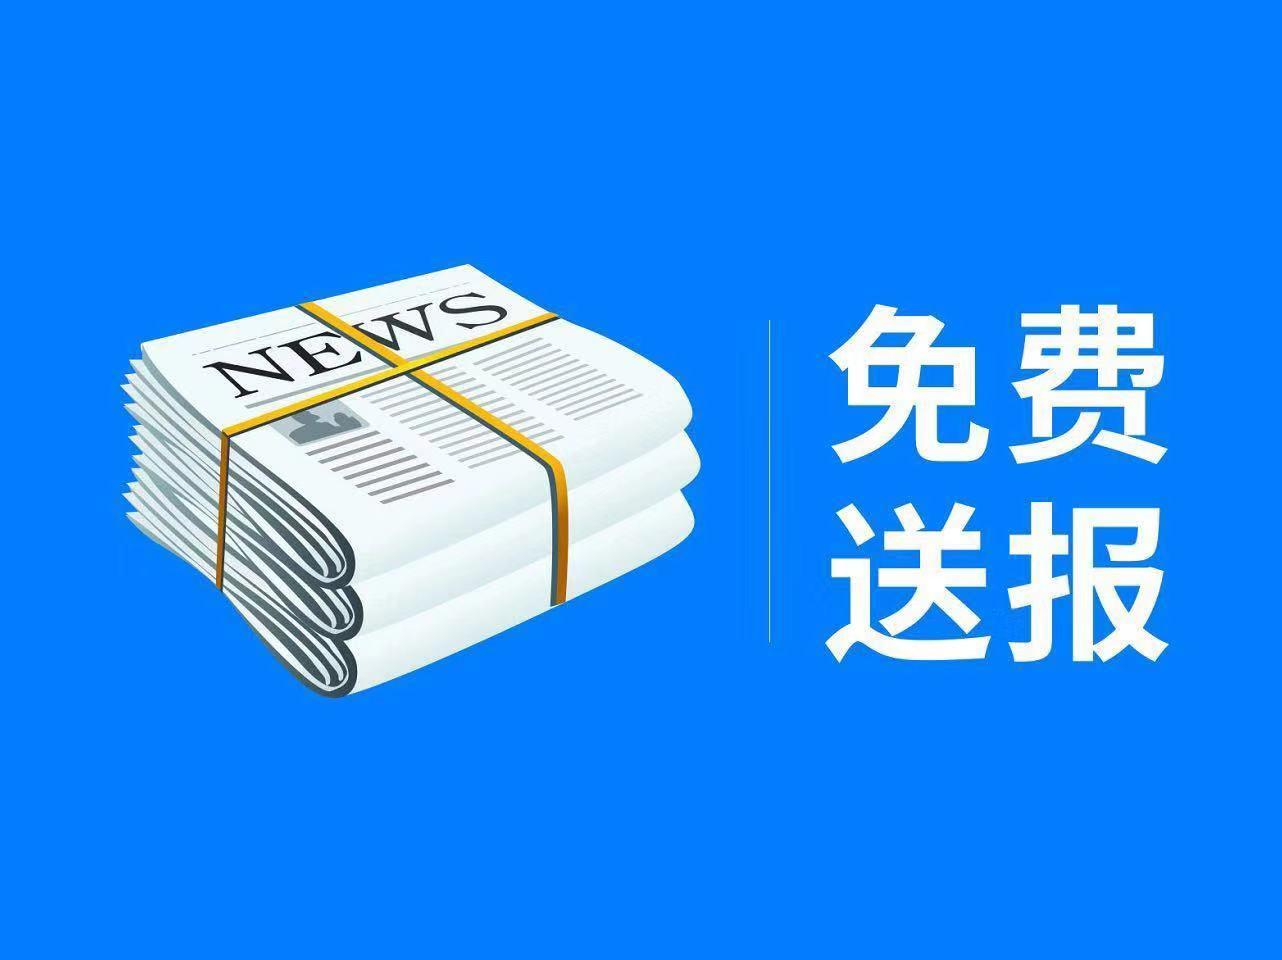 天津今晚報公告電話價格 低價辦理